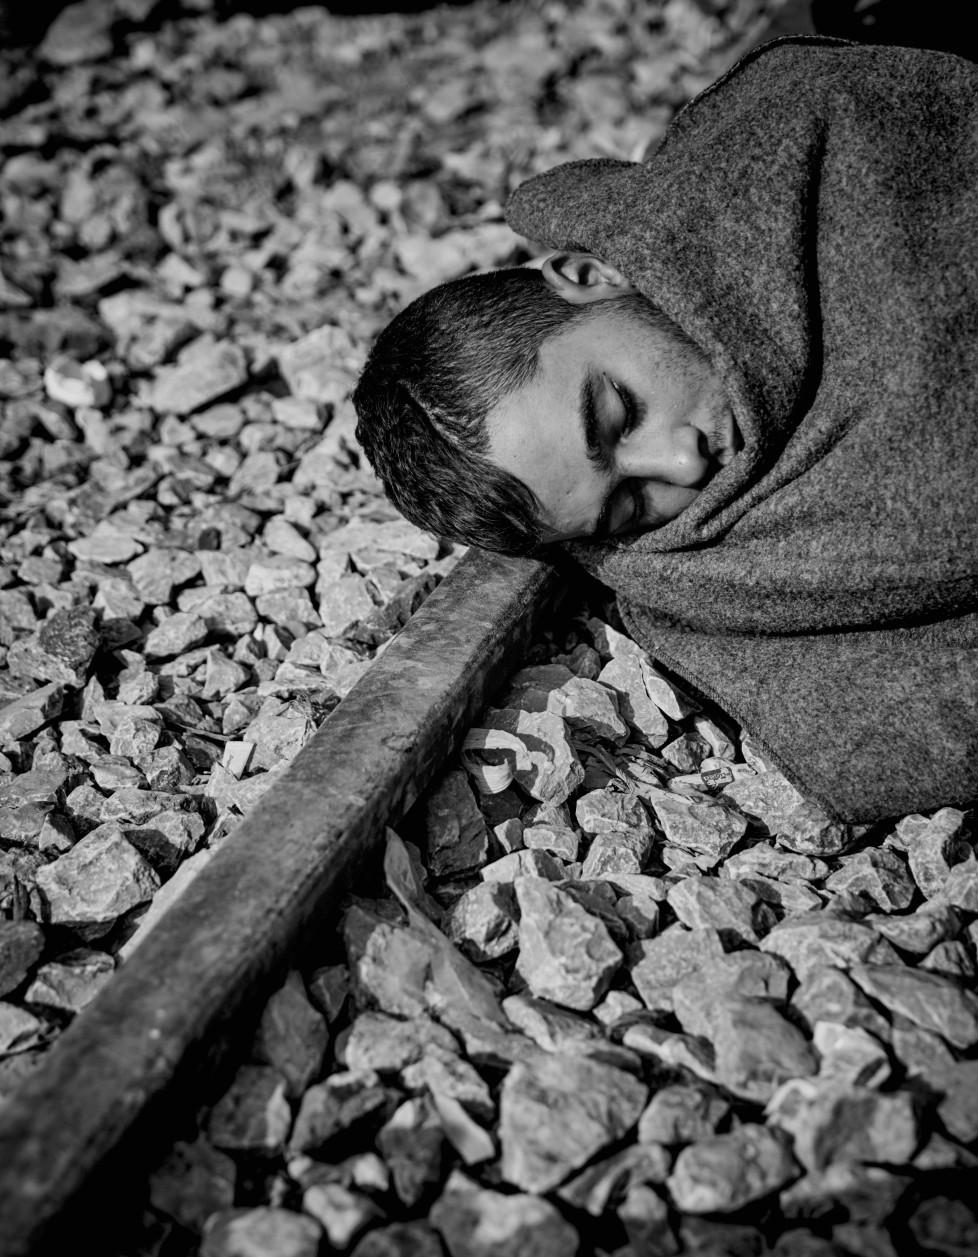 Flüchtlinge die im Camp in Idomeni festsitzen , wenn sie nicht aus Syrien, Afgahnistan oder dem Irak stammen . Ein junger Mann schläft au der Eisenbahnschiene an der griechisch - mazedonischen Grenze. zu dem Zeitpunkt war die gesamte Balkanroute geschlossen .